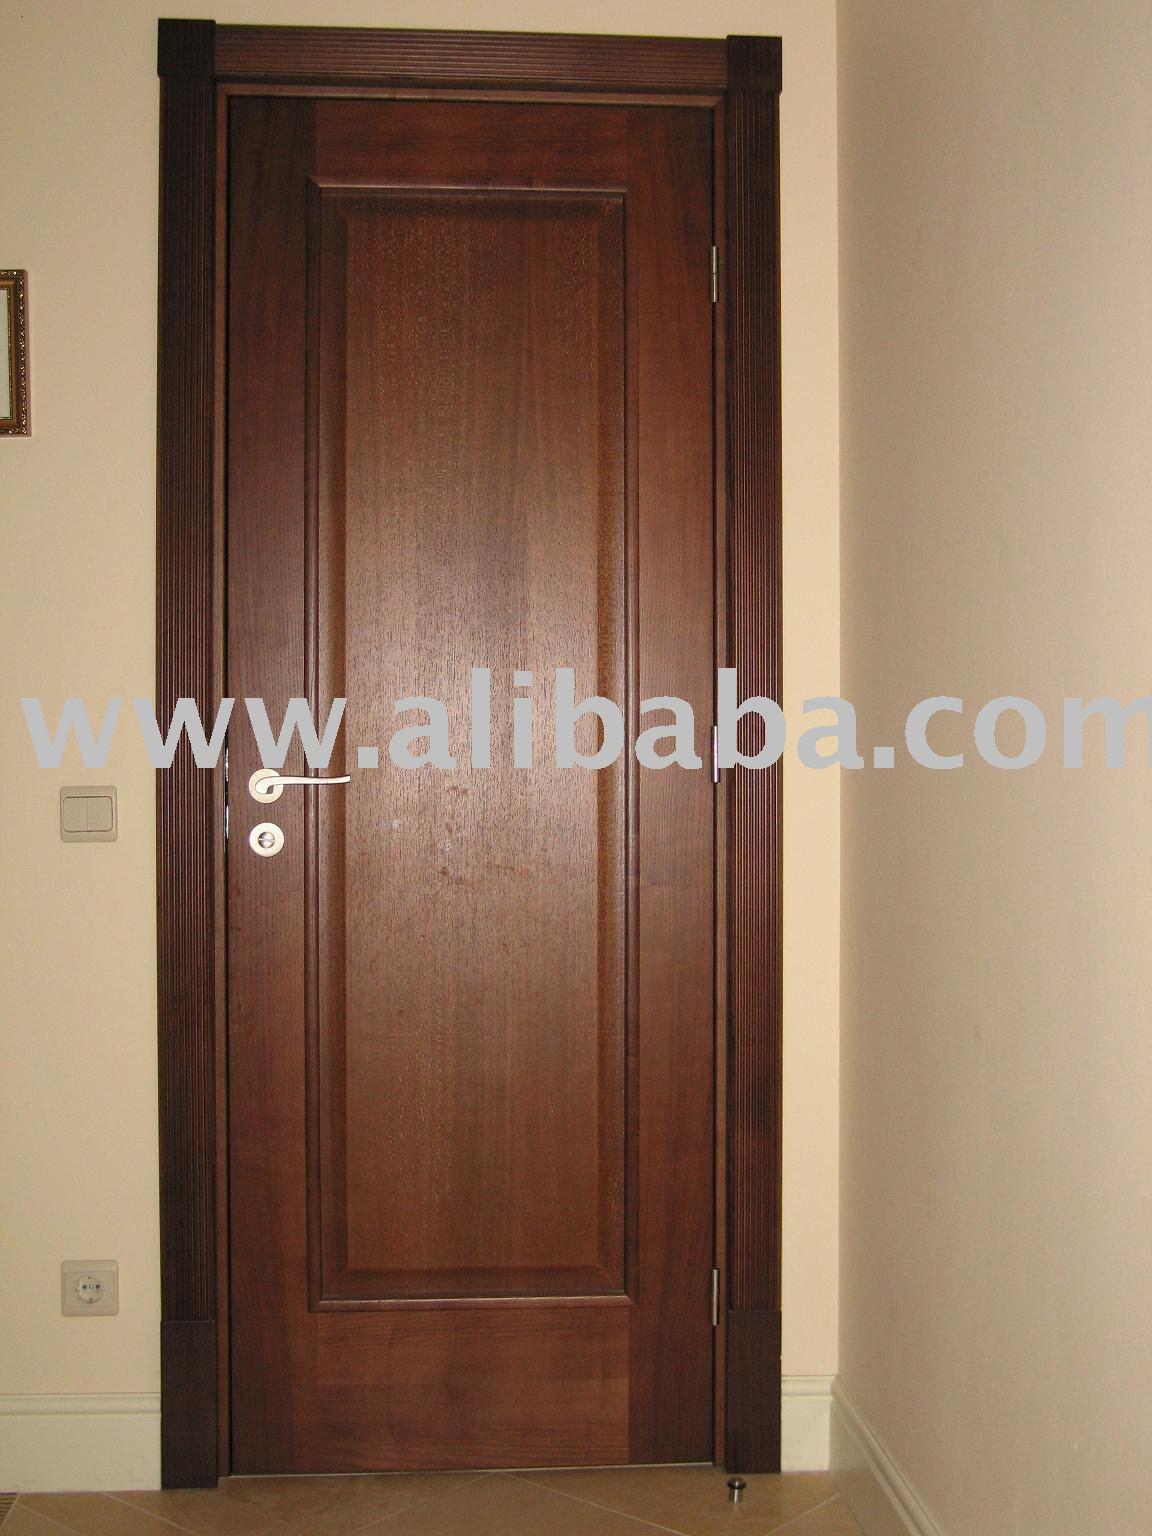 Puertas interiores de madera puerta identificaci n del - Puertas en madera para interiores ...